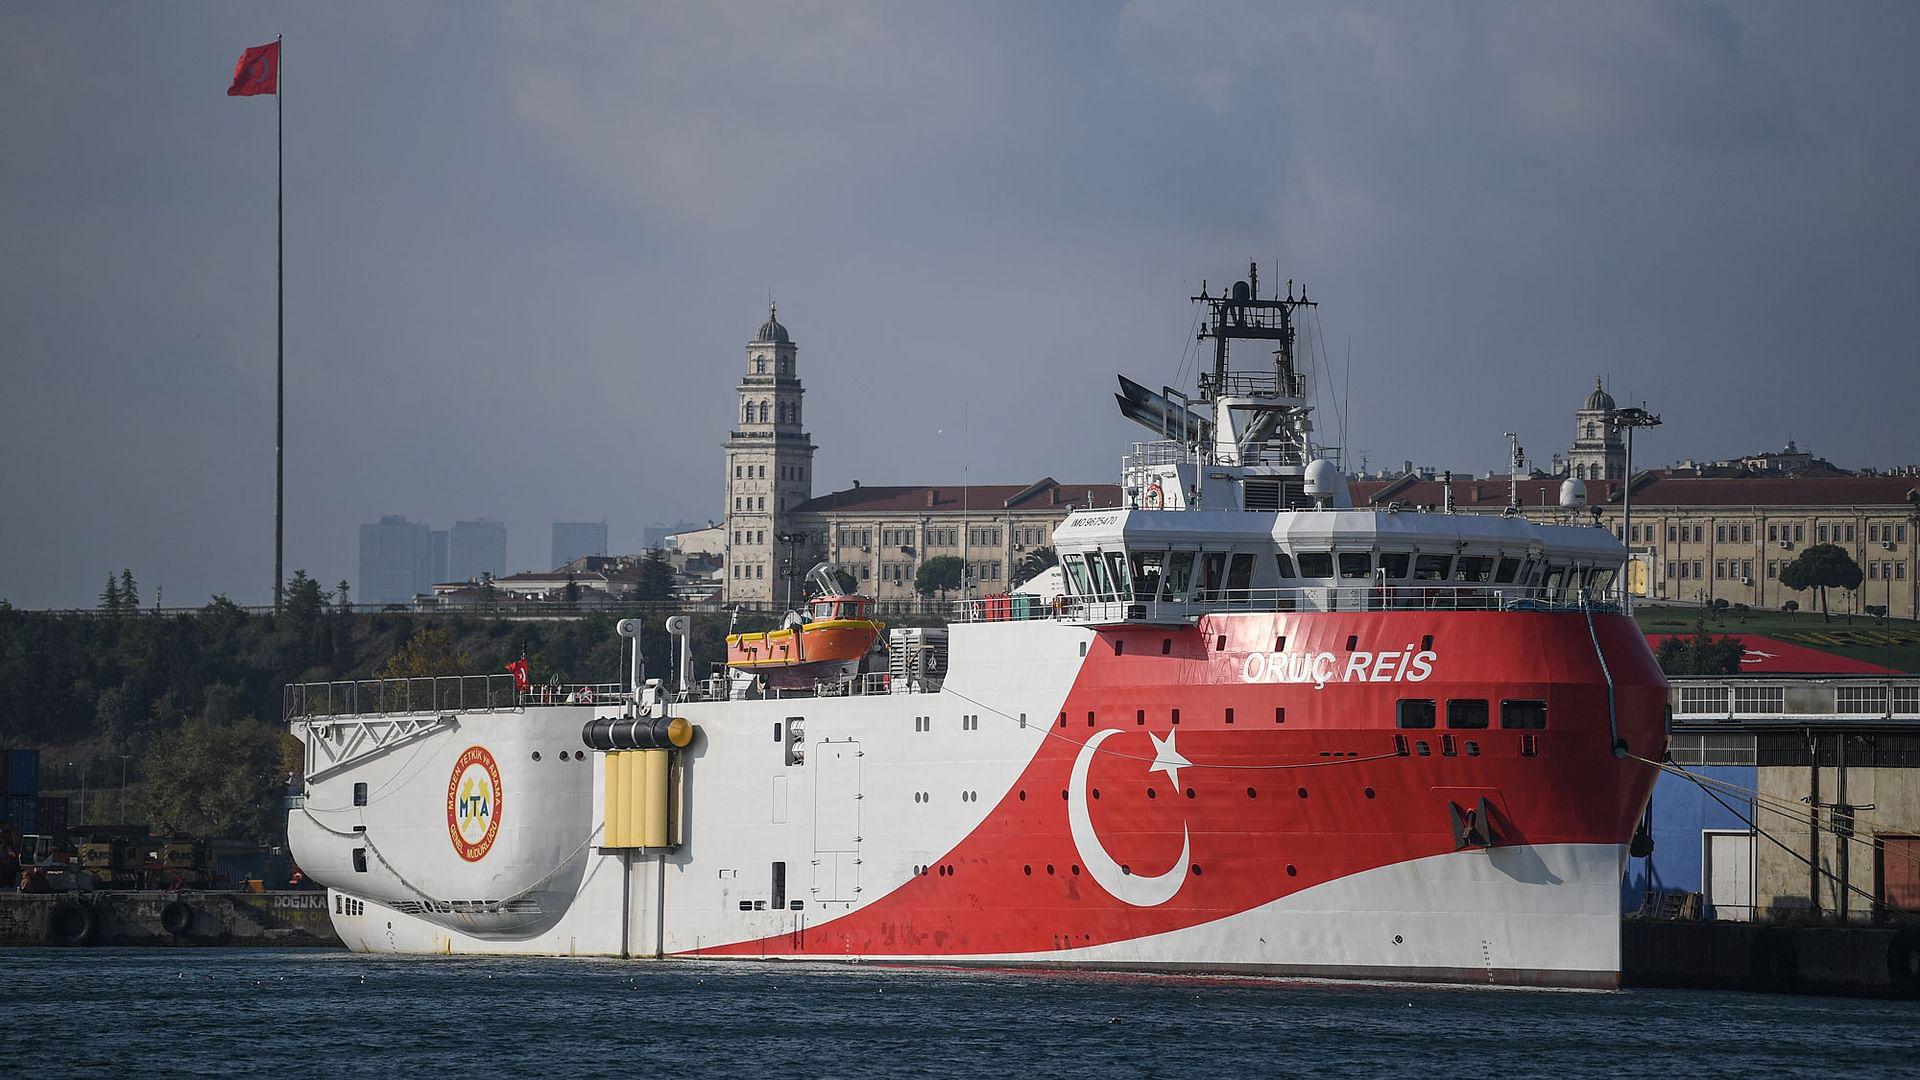 Syrien, Libyen, Mittelmeer: X-fache türkische Offensiven